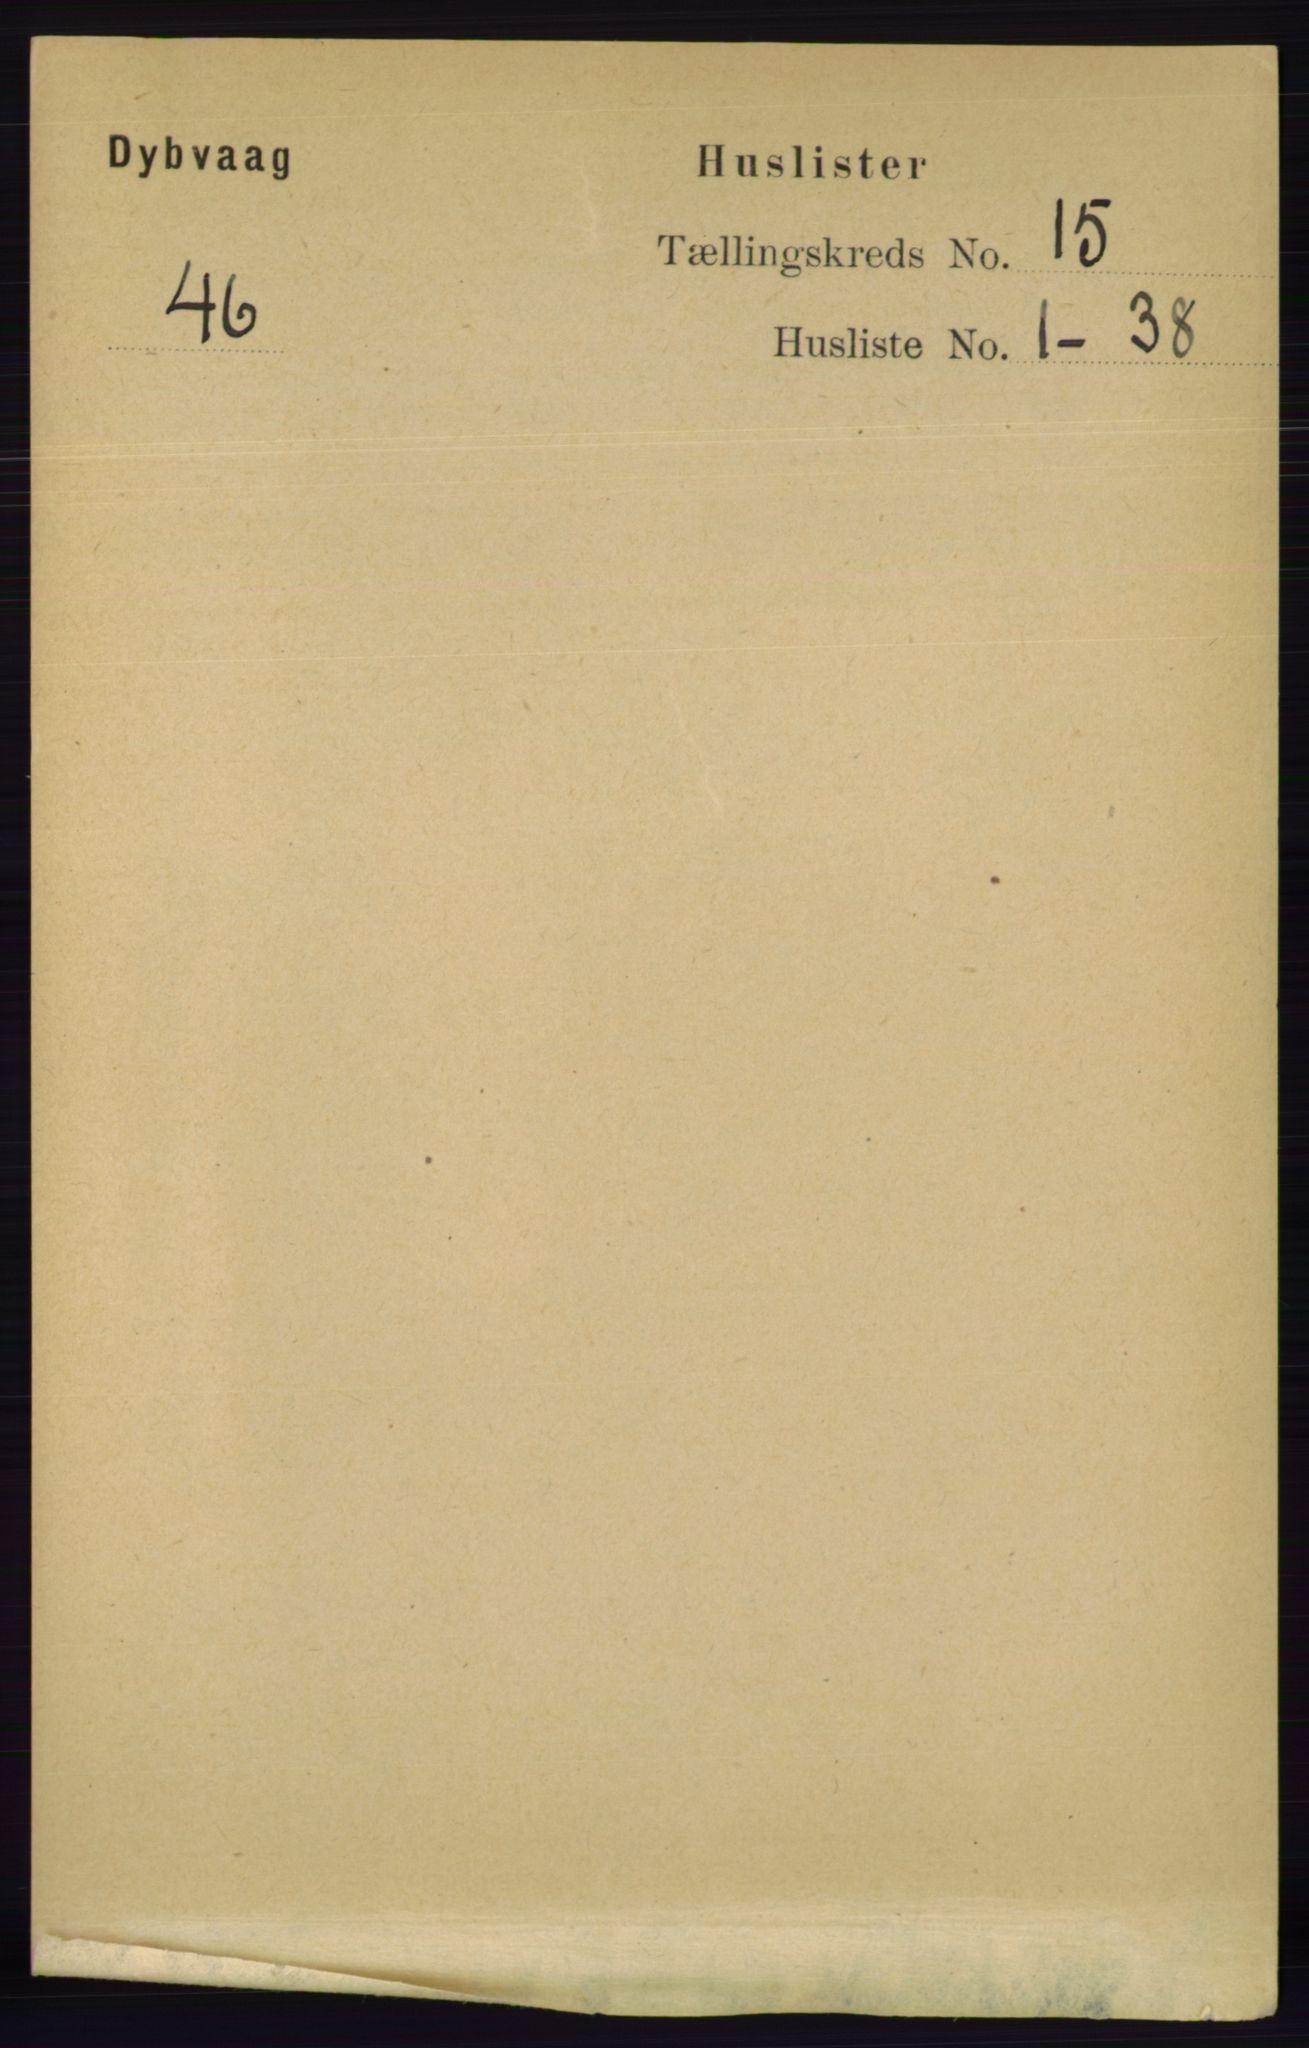 RA, Folketelling 1891 for 0915 Dypvåg herred, 1891, s. 6089